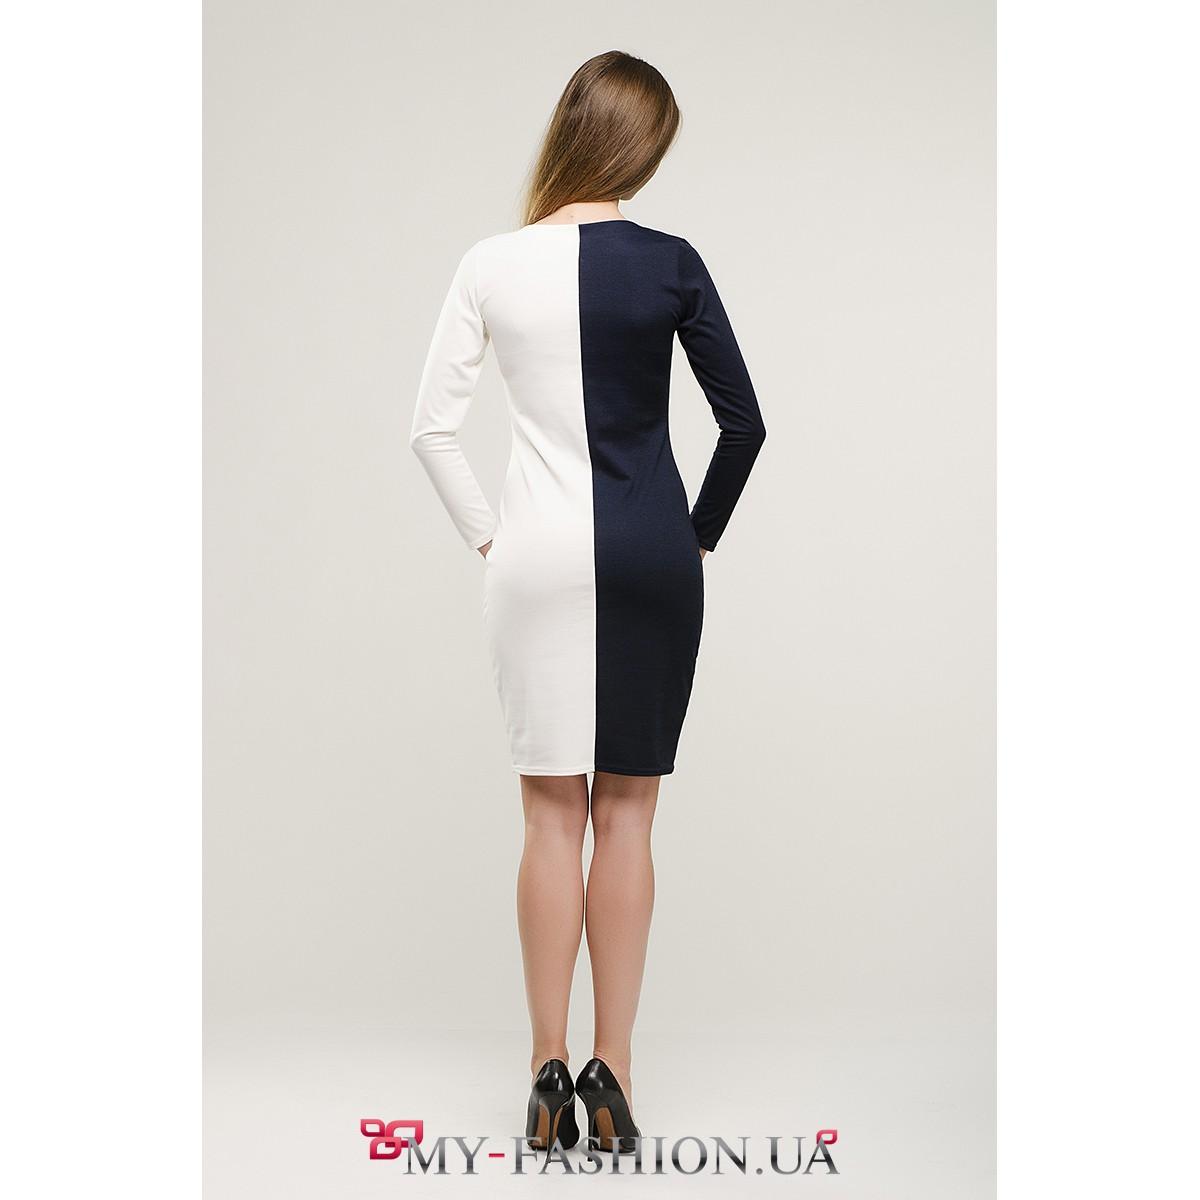 Платье сине белое с доставкой